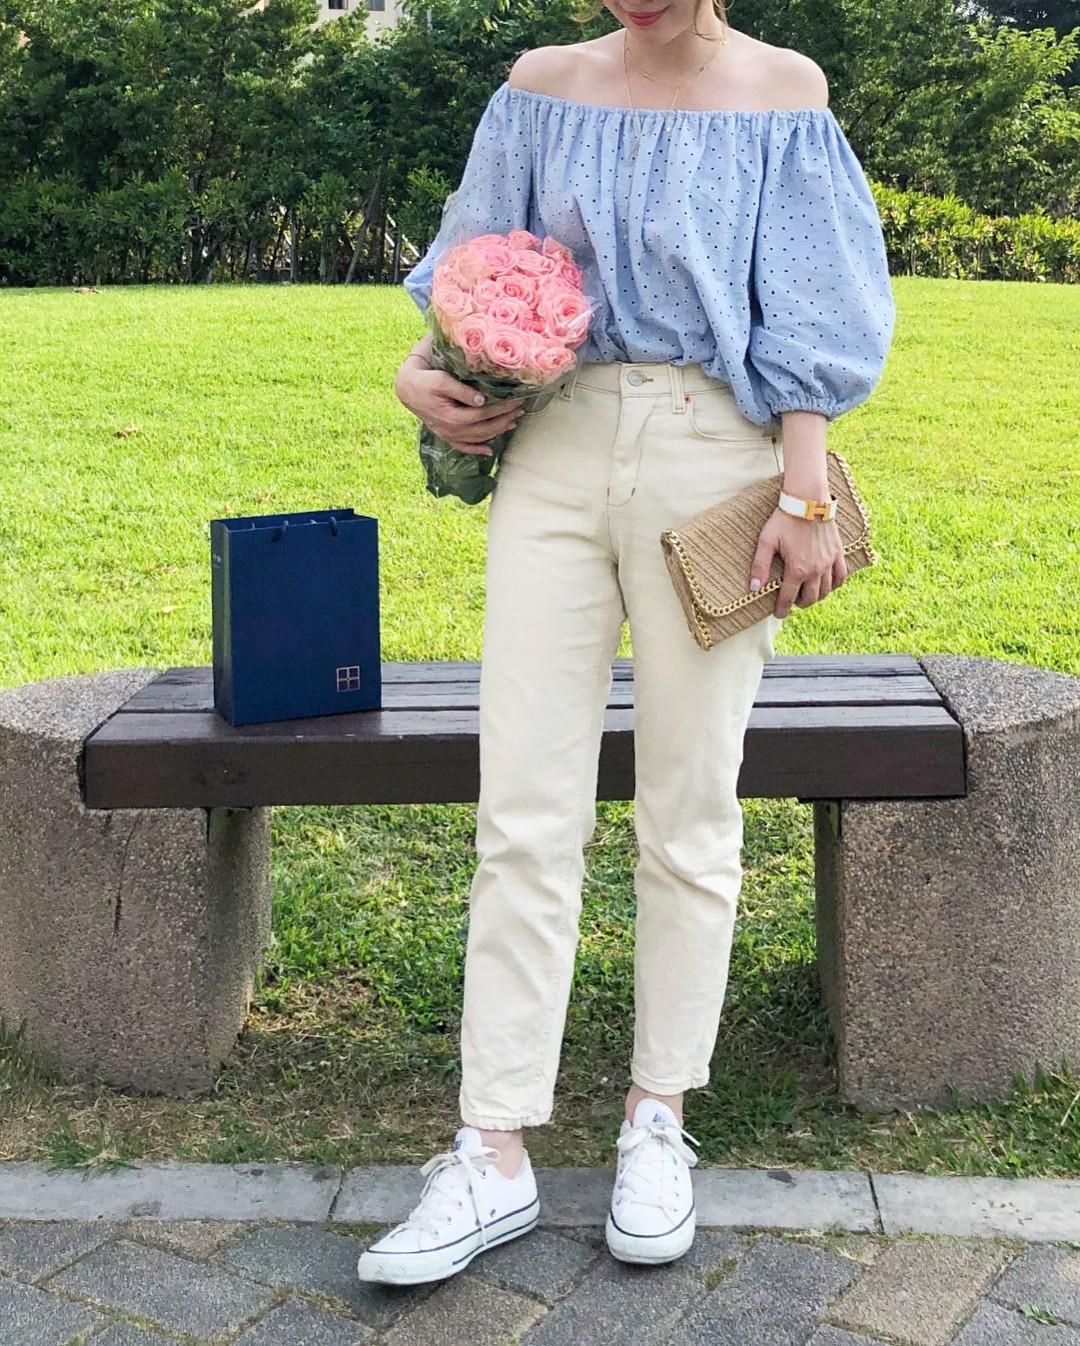 Có một kiểu quần mà các nàng cứ diện lên sẽ trẻ trung và nữ tính hơn bội phần, đó chính là quần jeans trắng - 4